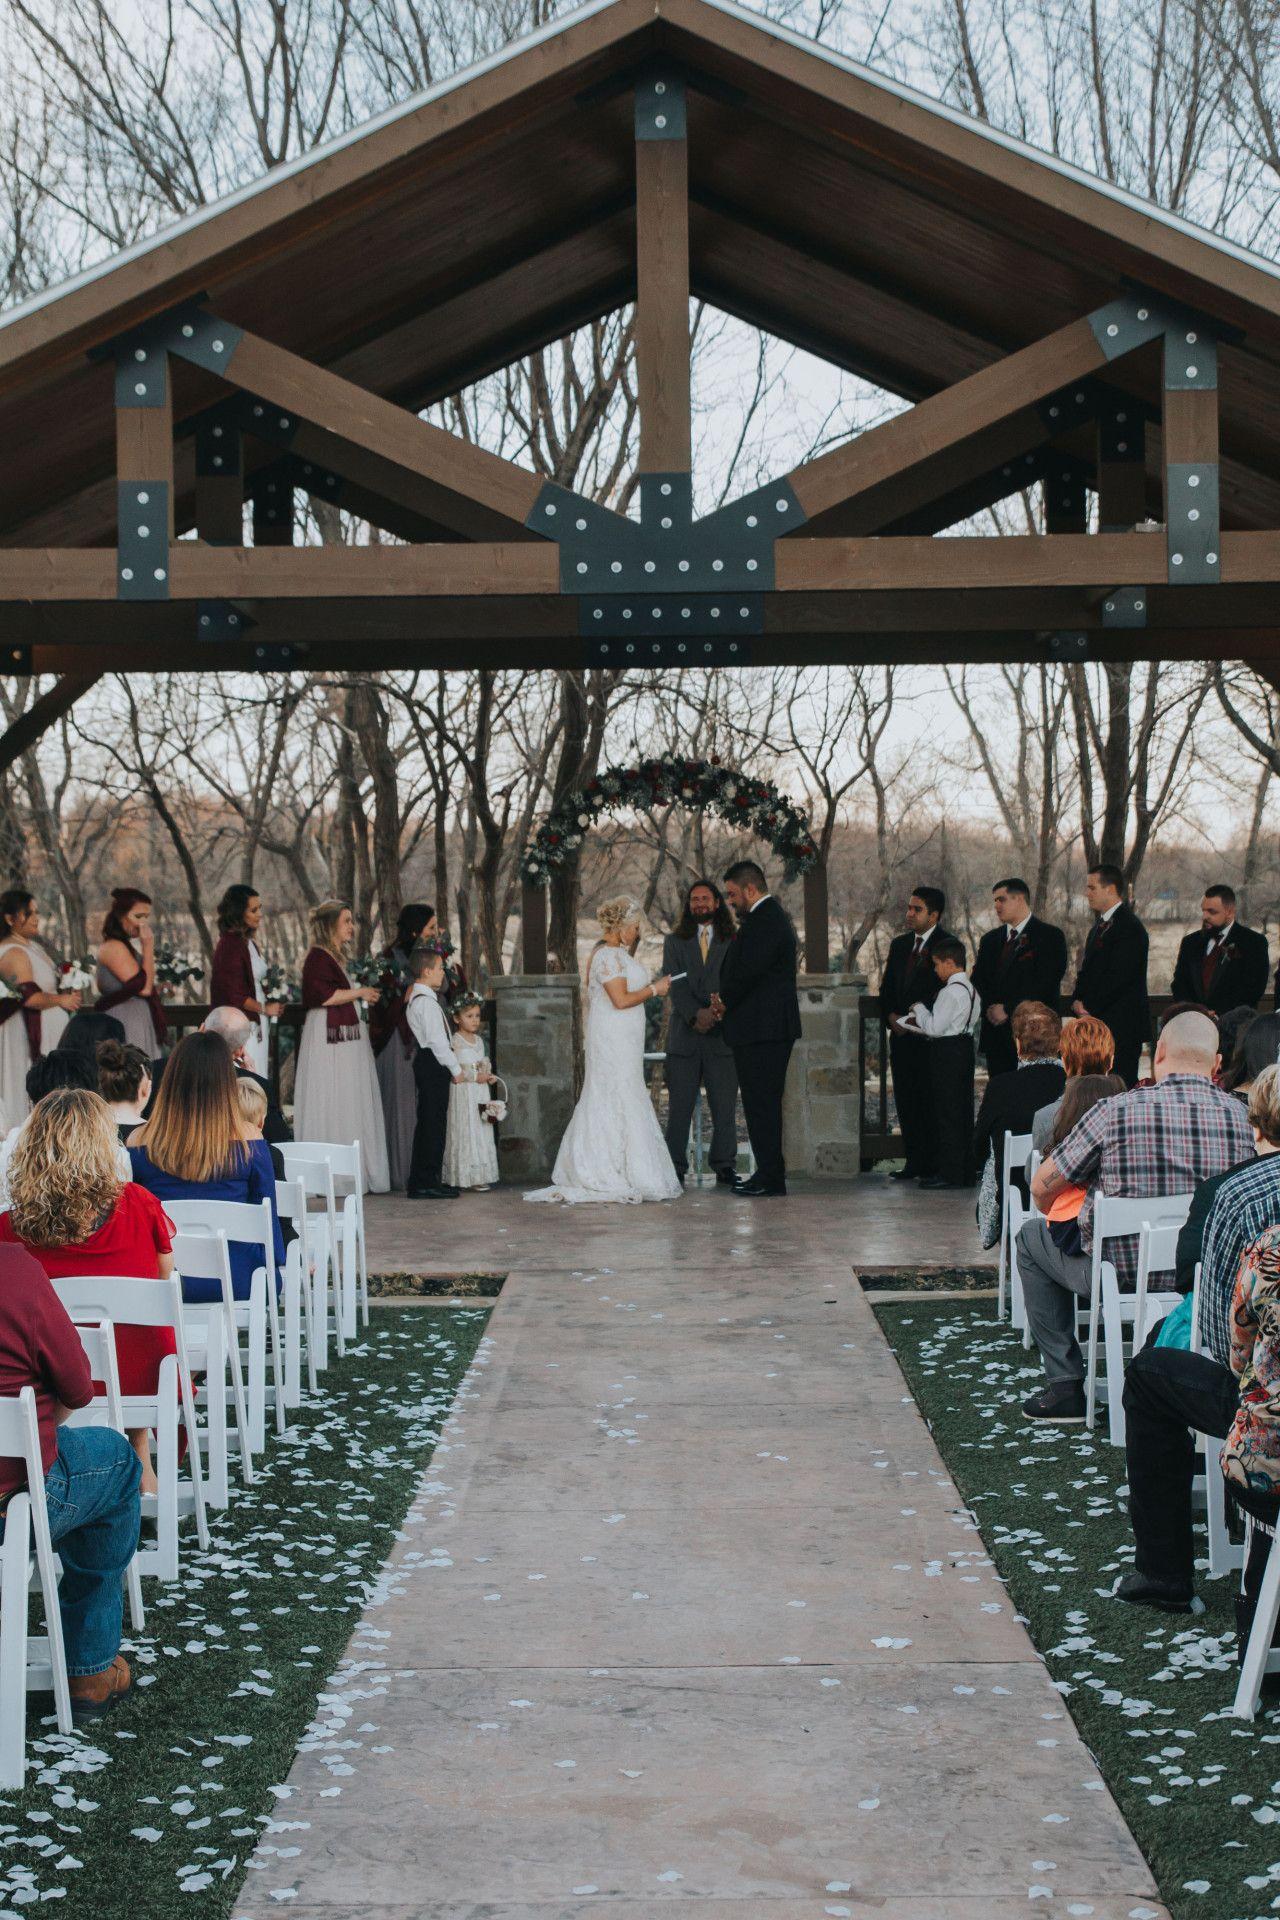 Oklahoma City Wedding Venue In Edmond In 2020 Outdoor Wedding